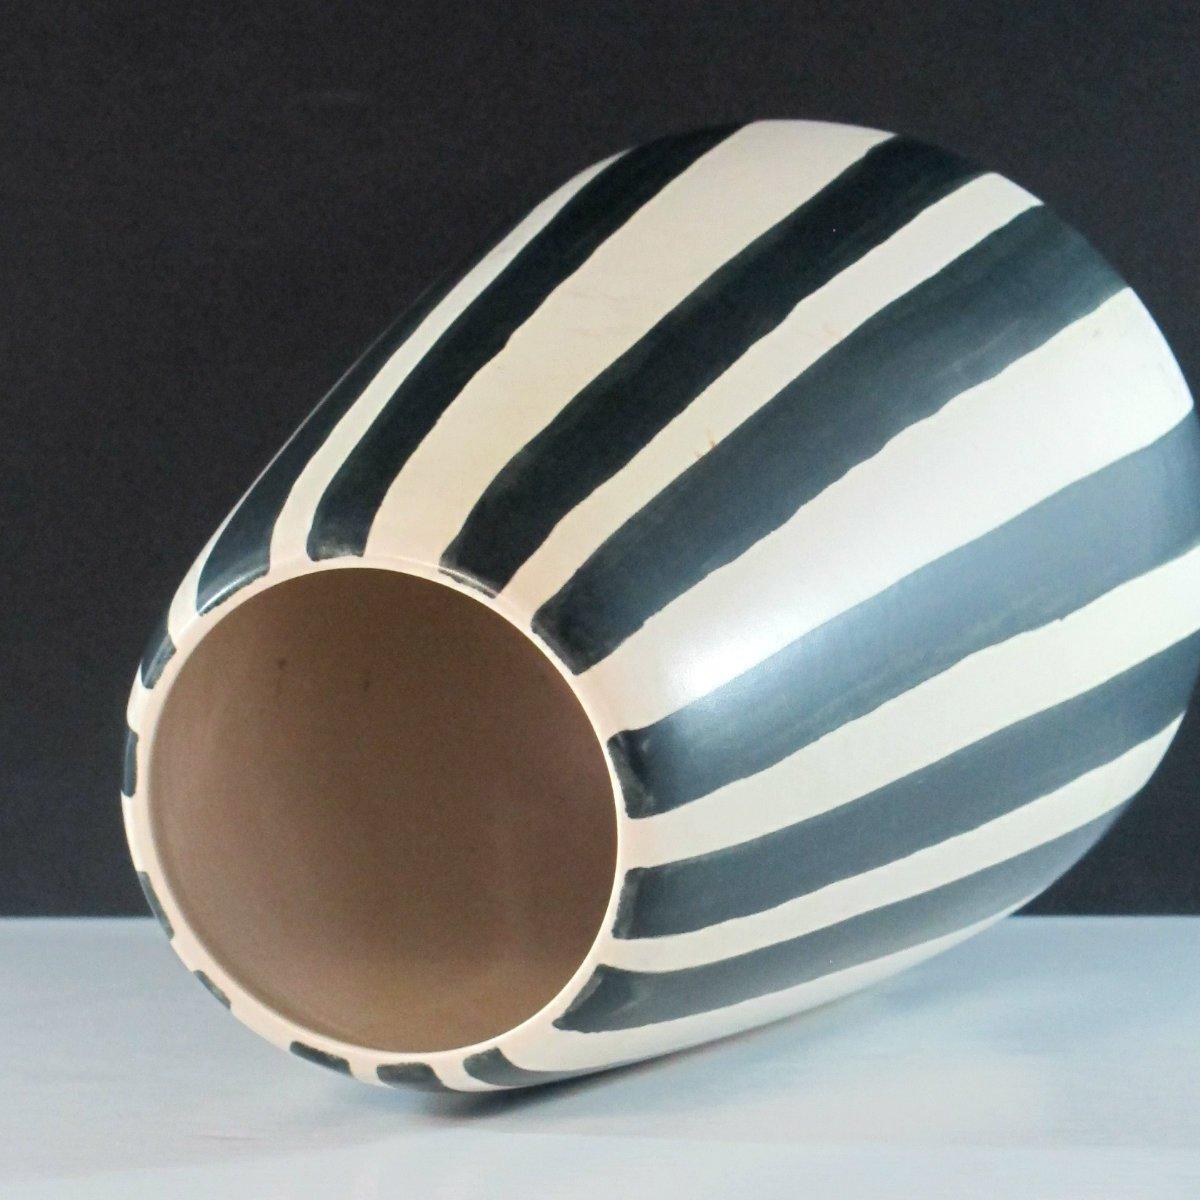 vase by maria kohler for villeroy et boch 1960s for sale at pamono. Black Bedroom Furniture Sets. Home Design Ideas